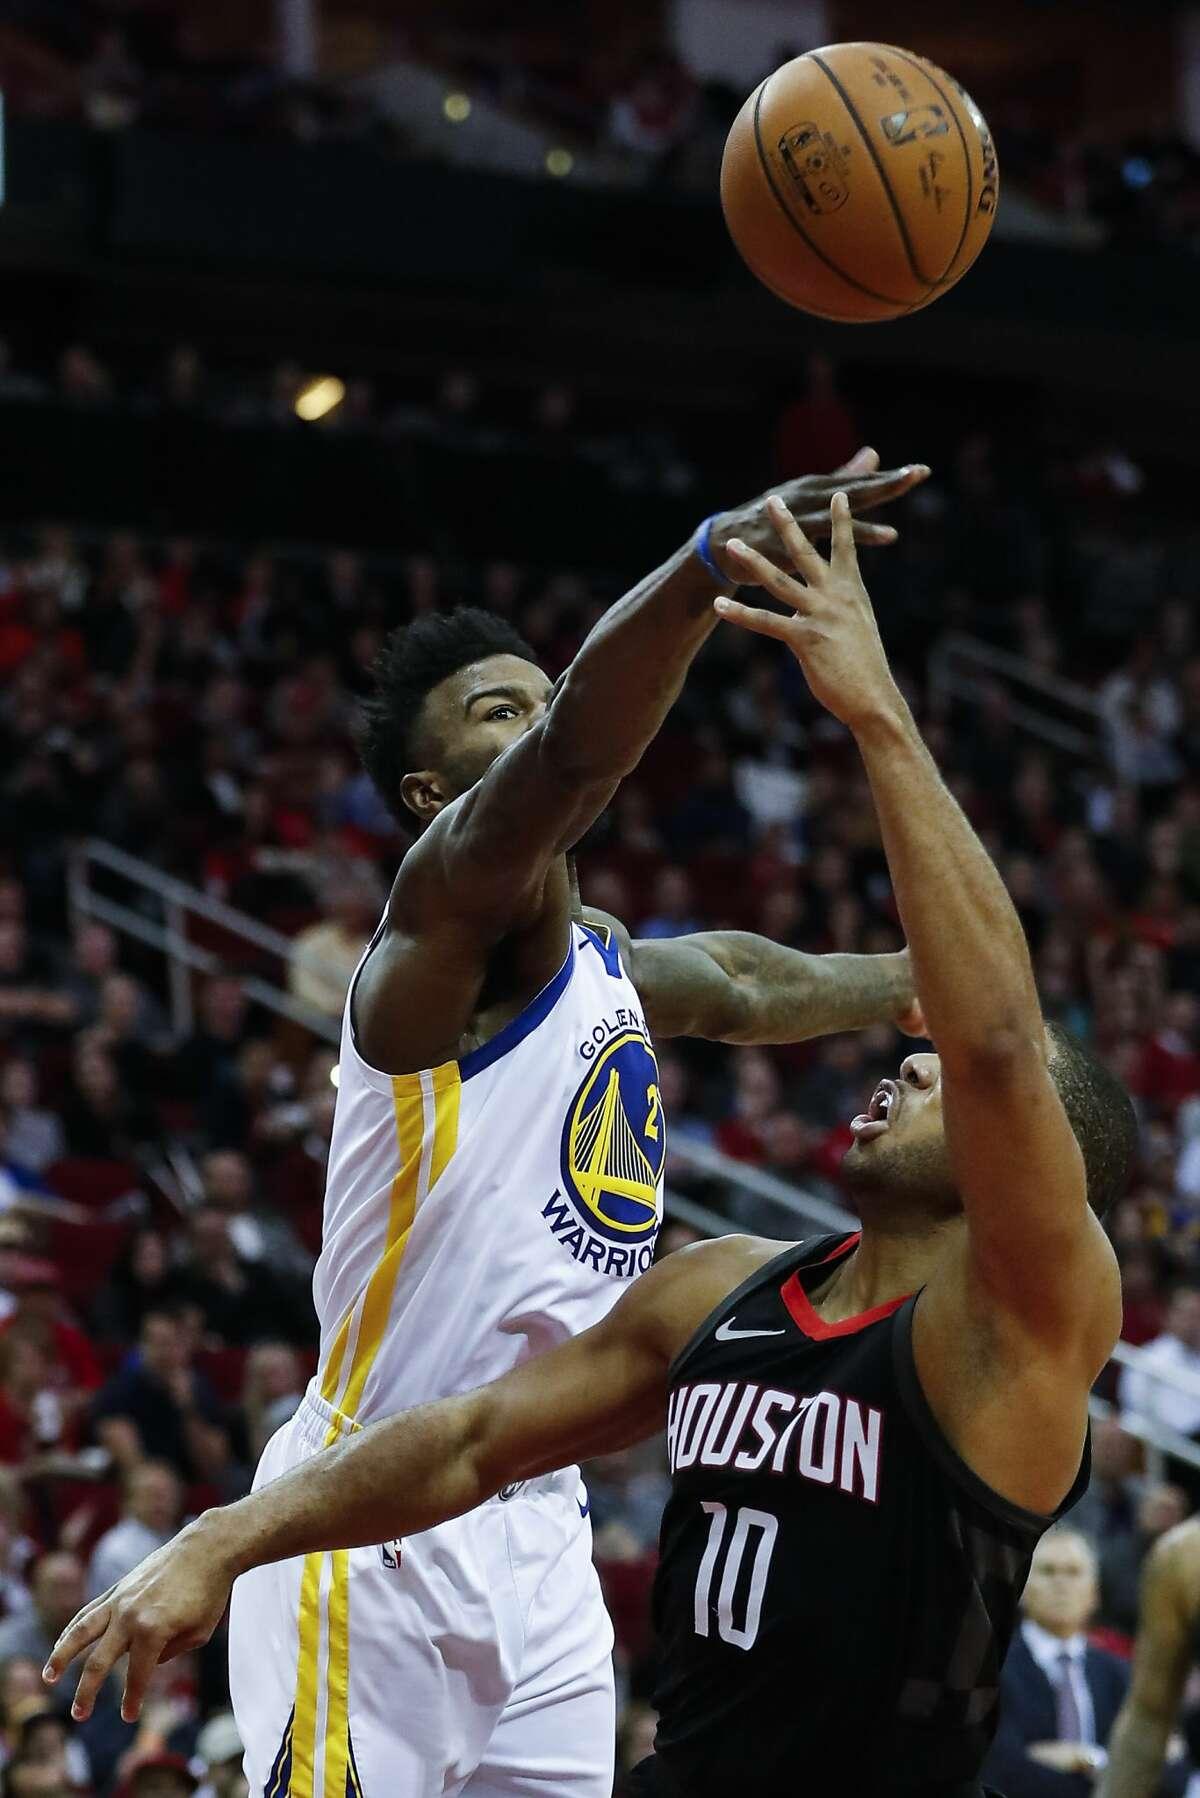 Golden State Warriors forward Jordan Bell (2) blocks a shot by Houston Rockets guard Eric Gordon (10) during the third quarter of an NBA basketball game at Toyota Center on Thursday, Jan. 4, 2018, in Houston. ( Brett Coomer / Houston Chronicle )